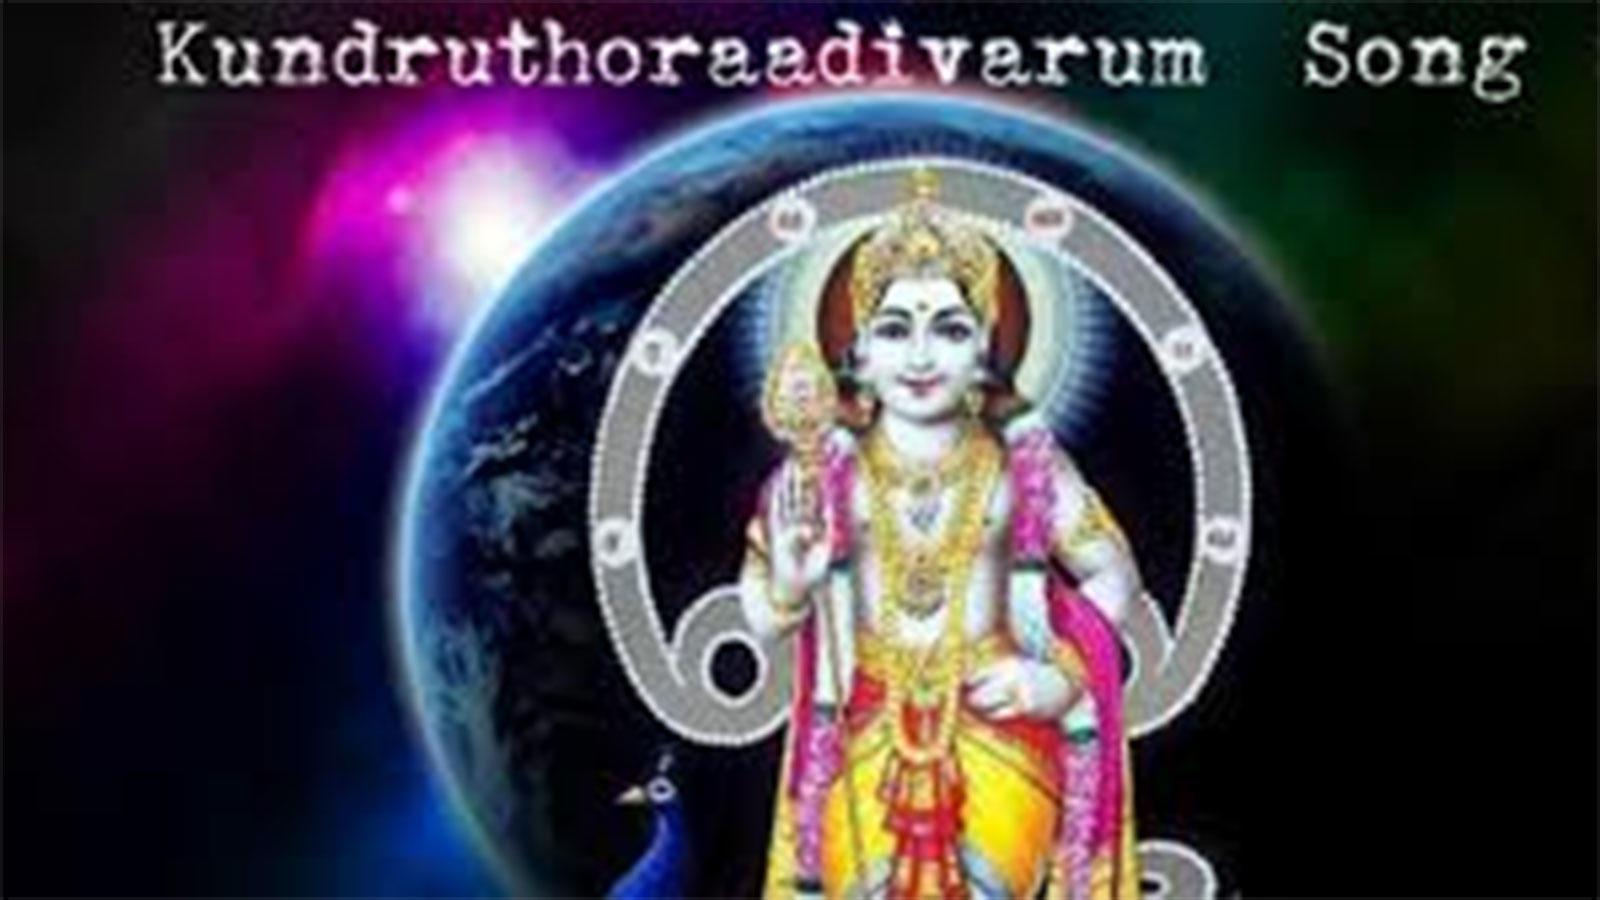 Kundruthoraadivarum Geetham - Lord Murugan Tamil Devotional Songs